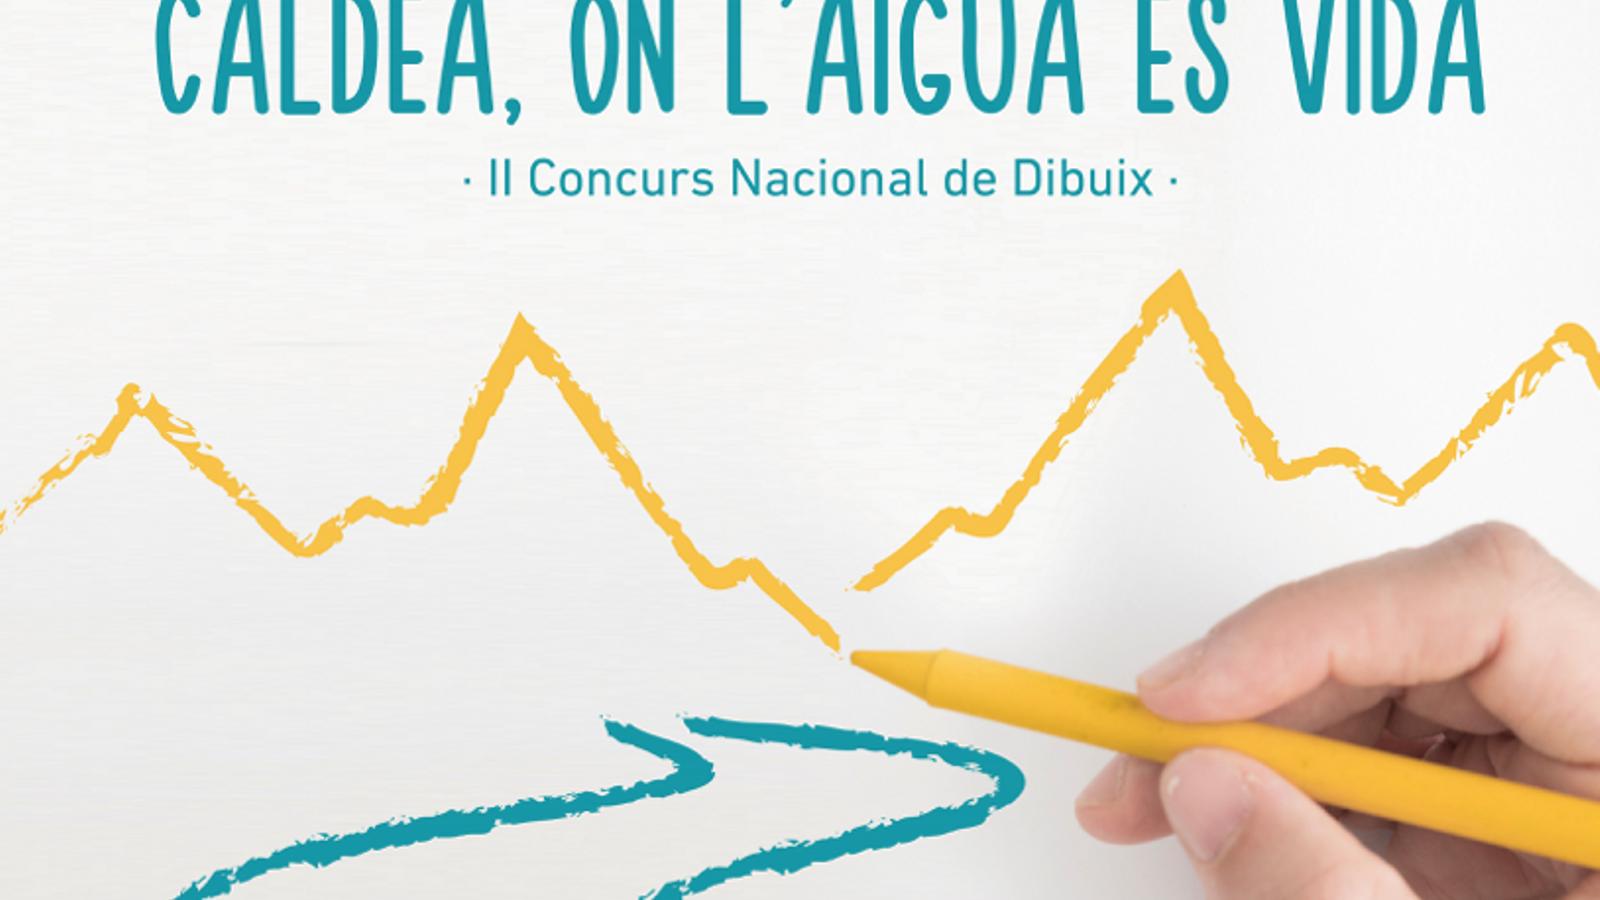 Cartell promocional del concurs de dibuix. / CALDEA